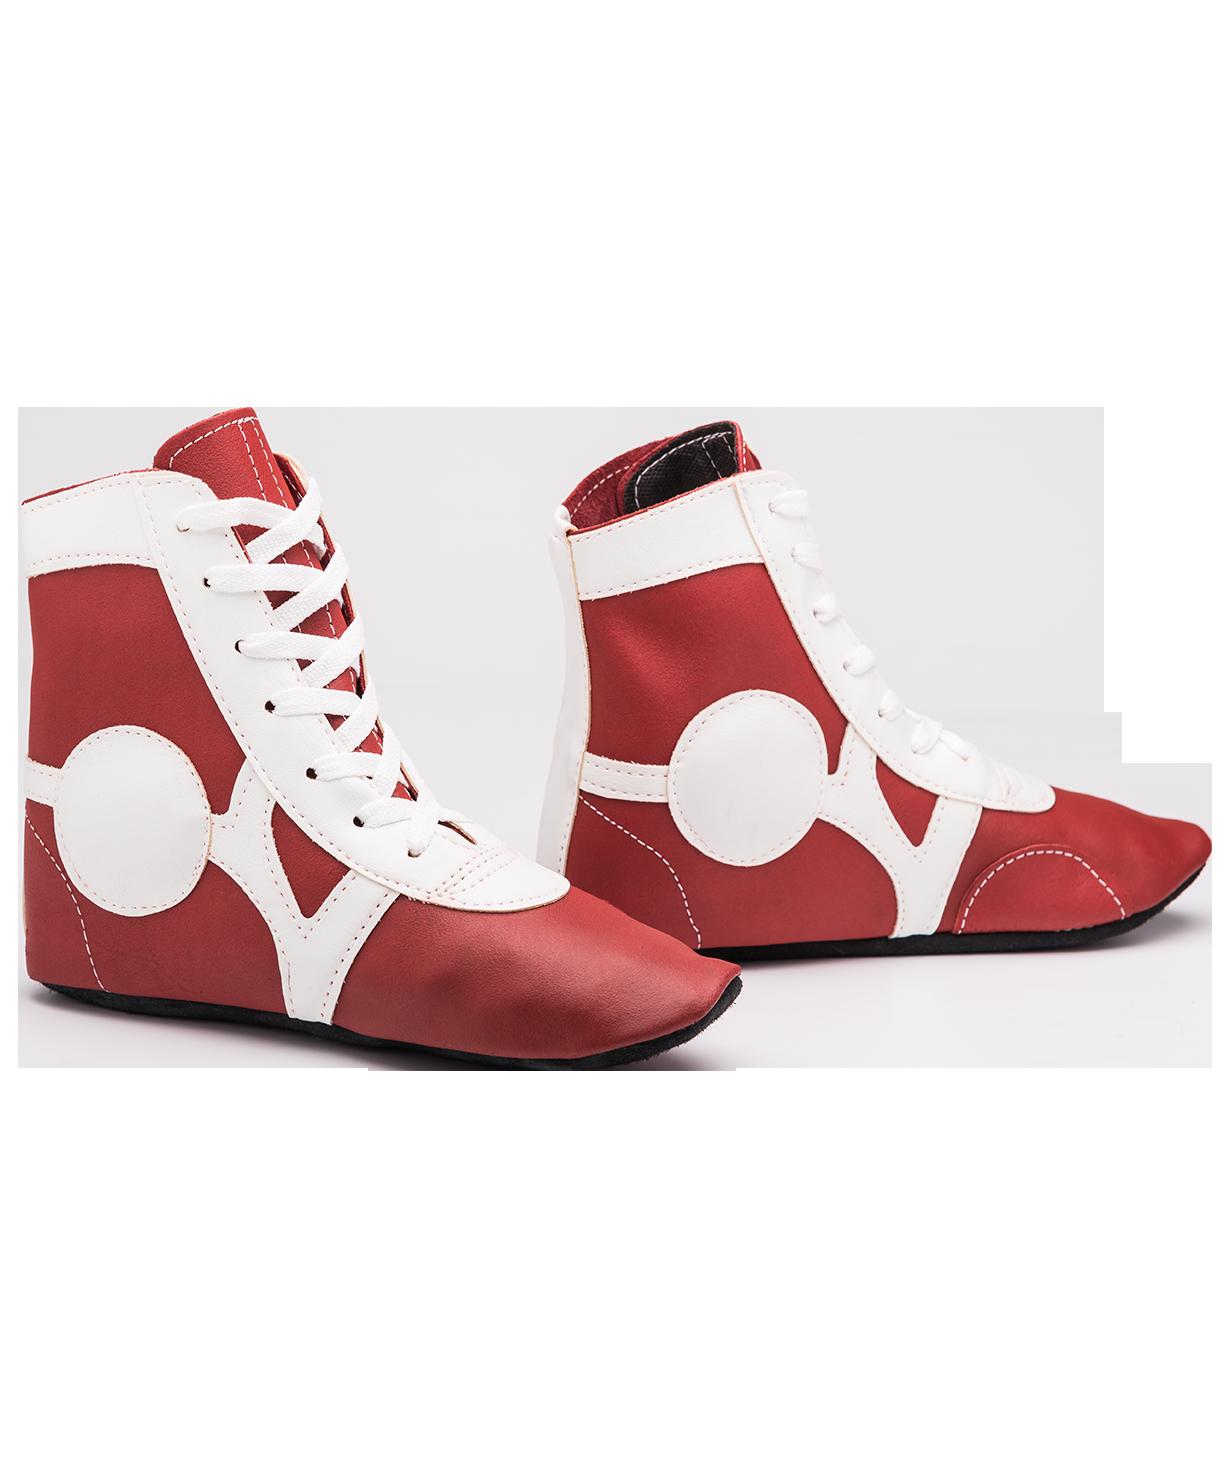 e3eff64d3 Обувь для самбо Rusco SM-0102, кожа, красный ― купить в Москве. Цена ...